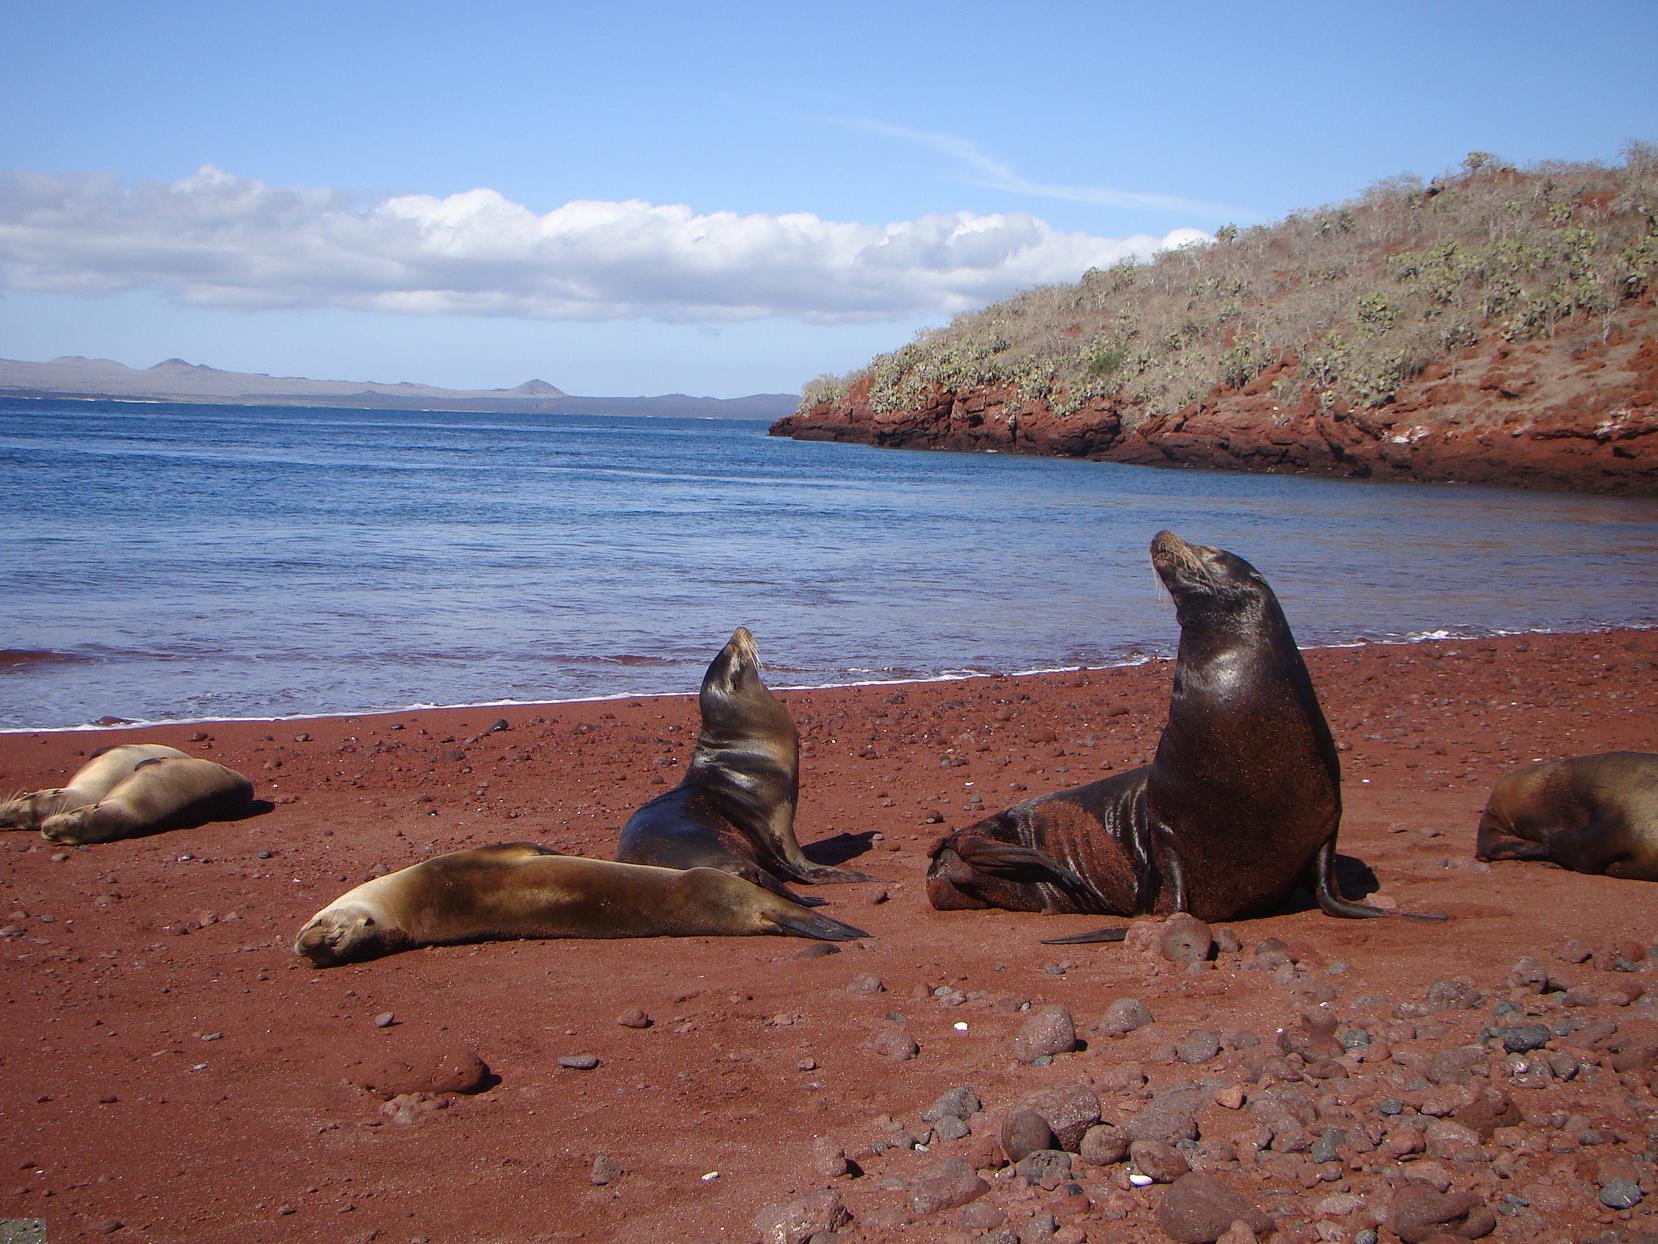 Leões marinhos descansam nas praias de areia vermelha da ilha de Rábida, Galápagos Equador